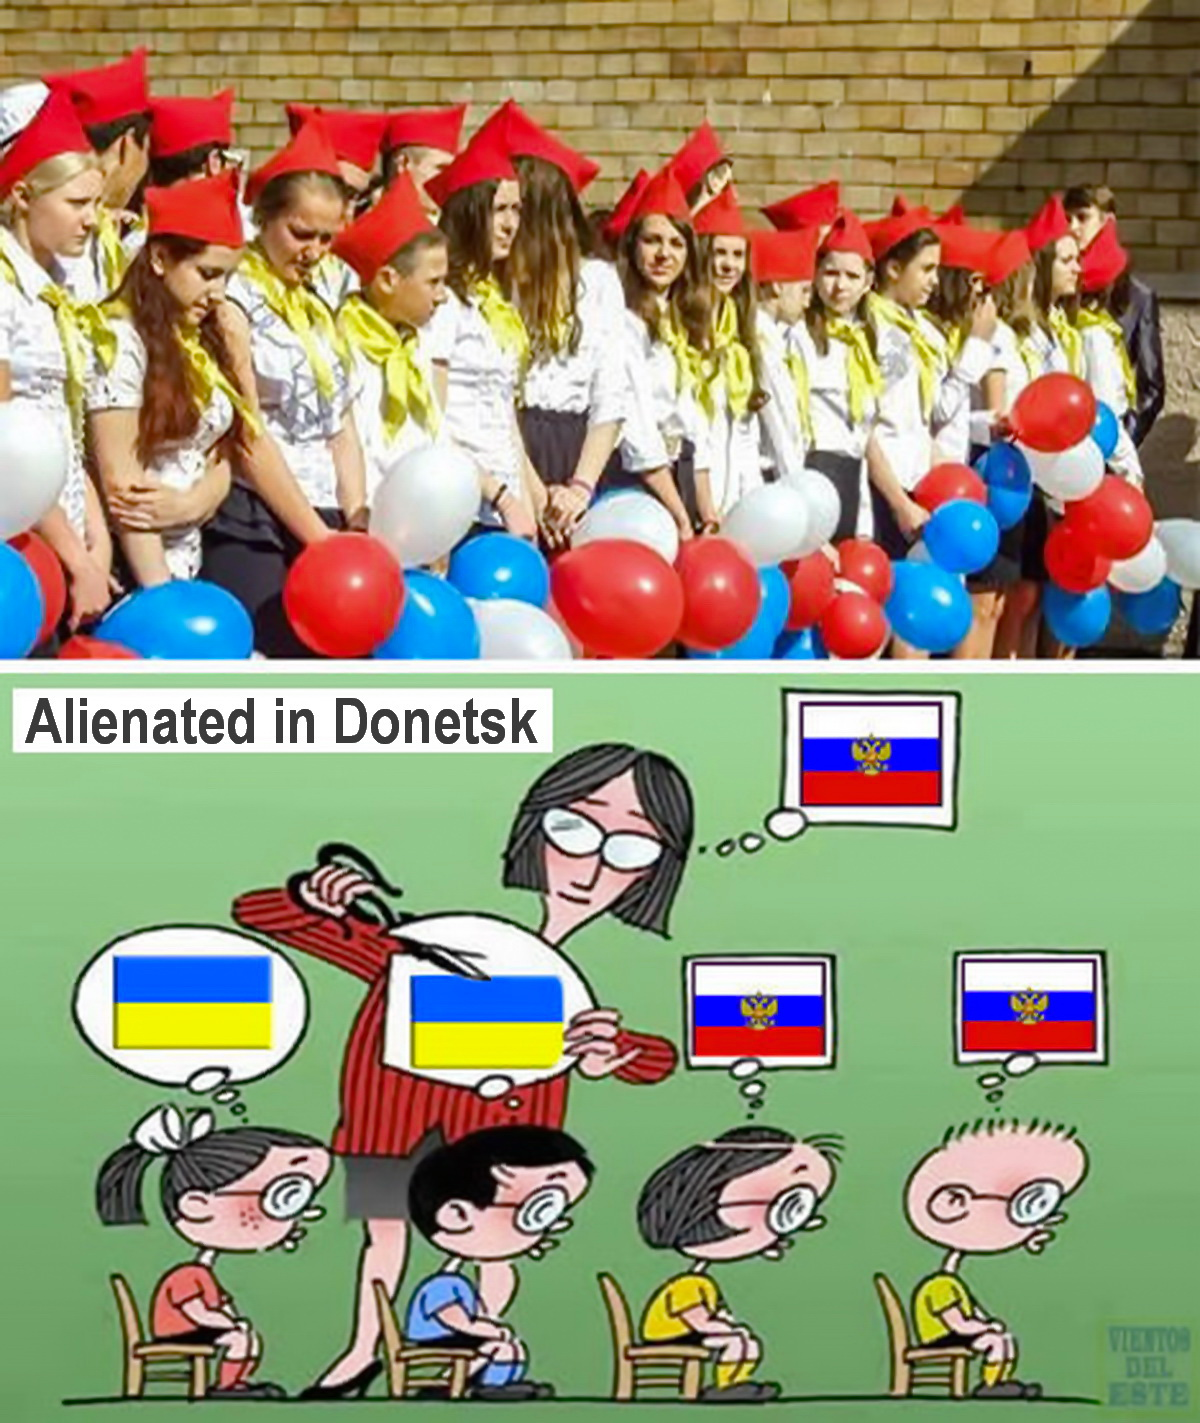 Alienated in Donetsk.